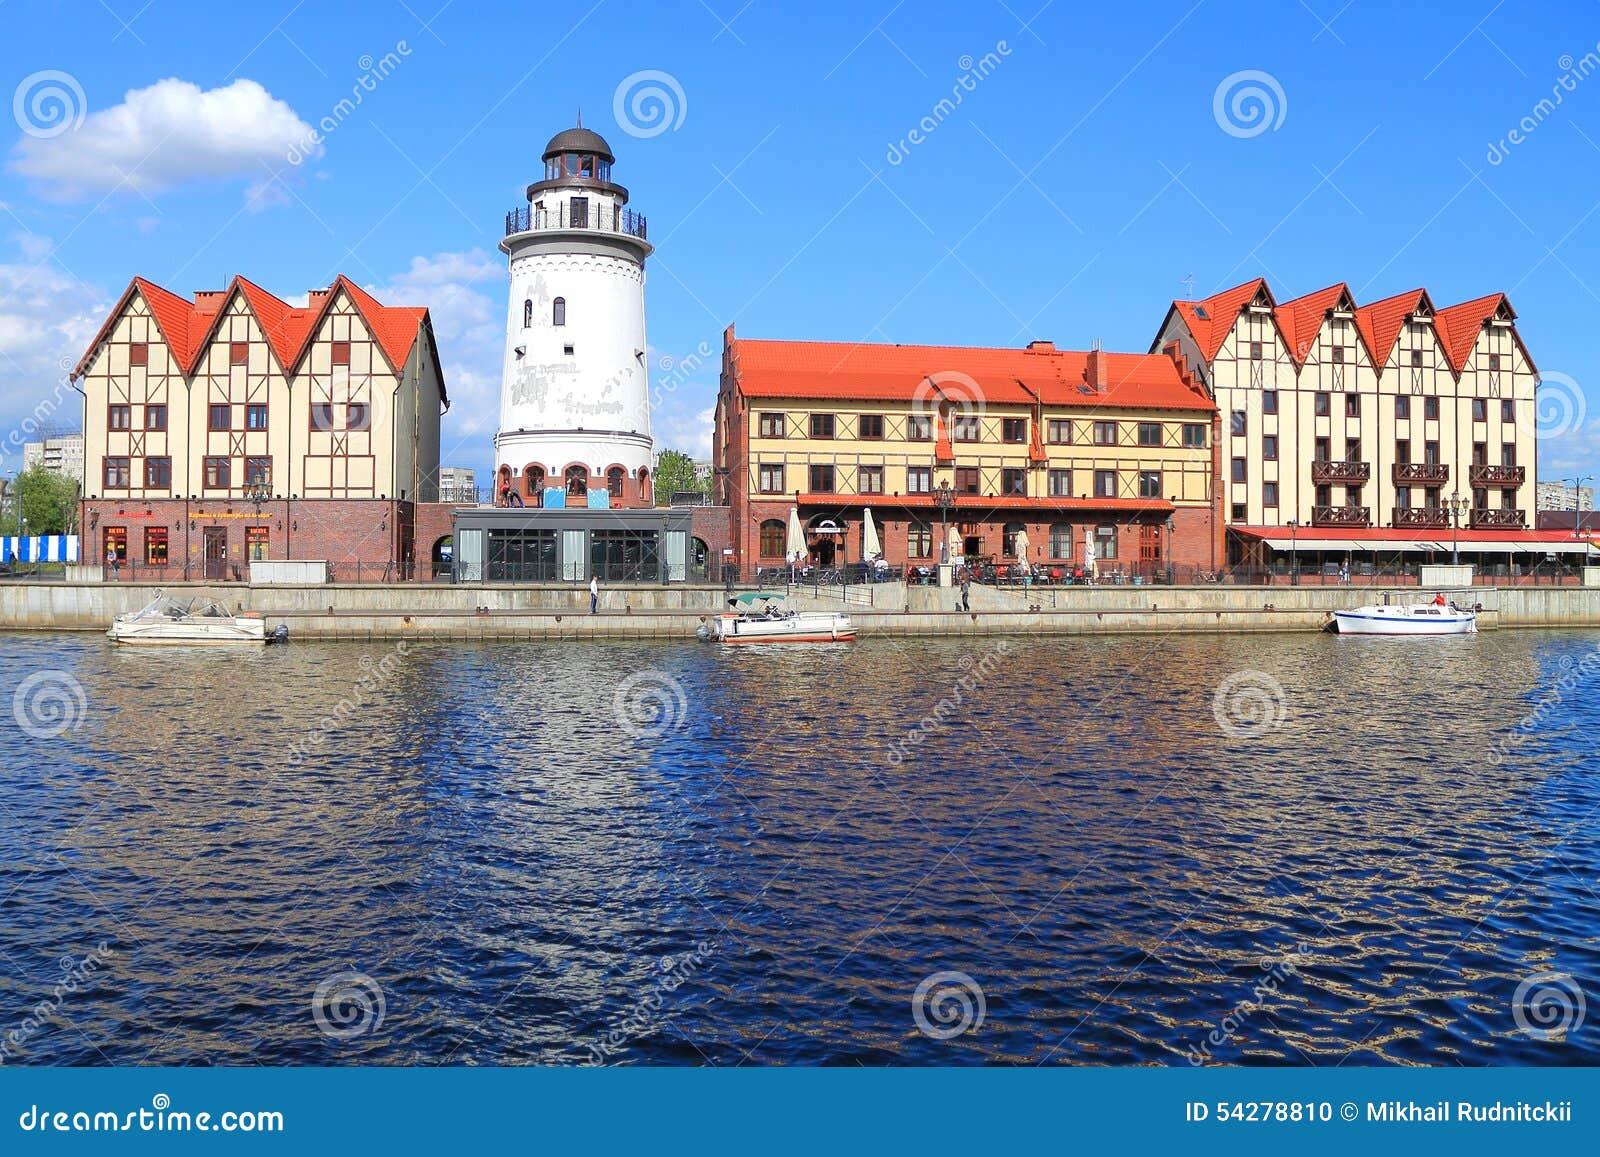 Rybia wioska  stylizująca pod architekturą przedwojenny Konigsberg